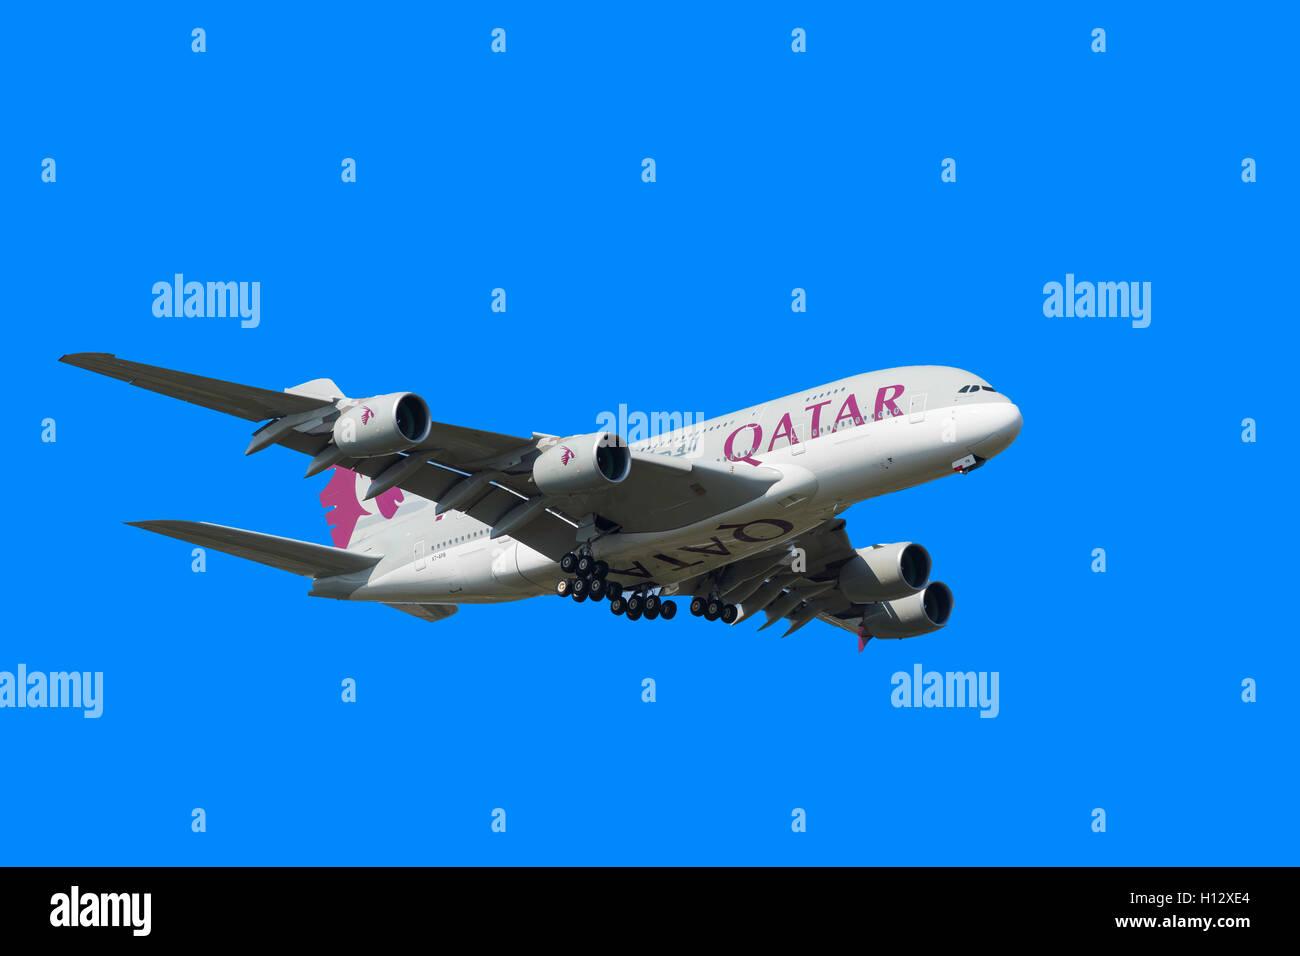 Qatar Airways Airbus A380 à l'atterrissage à l'aéroport de Heathrow, London, Greater London, Photo Stock